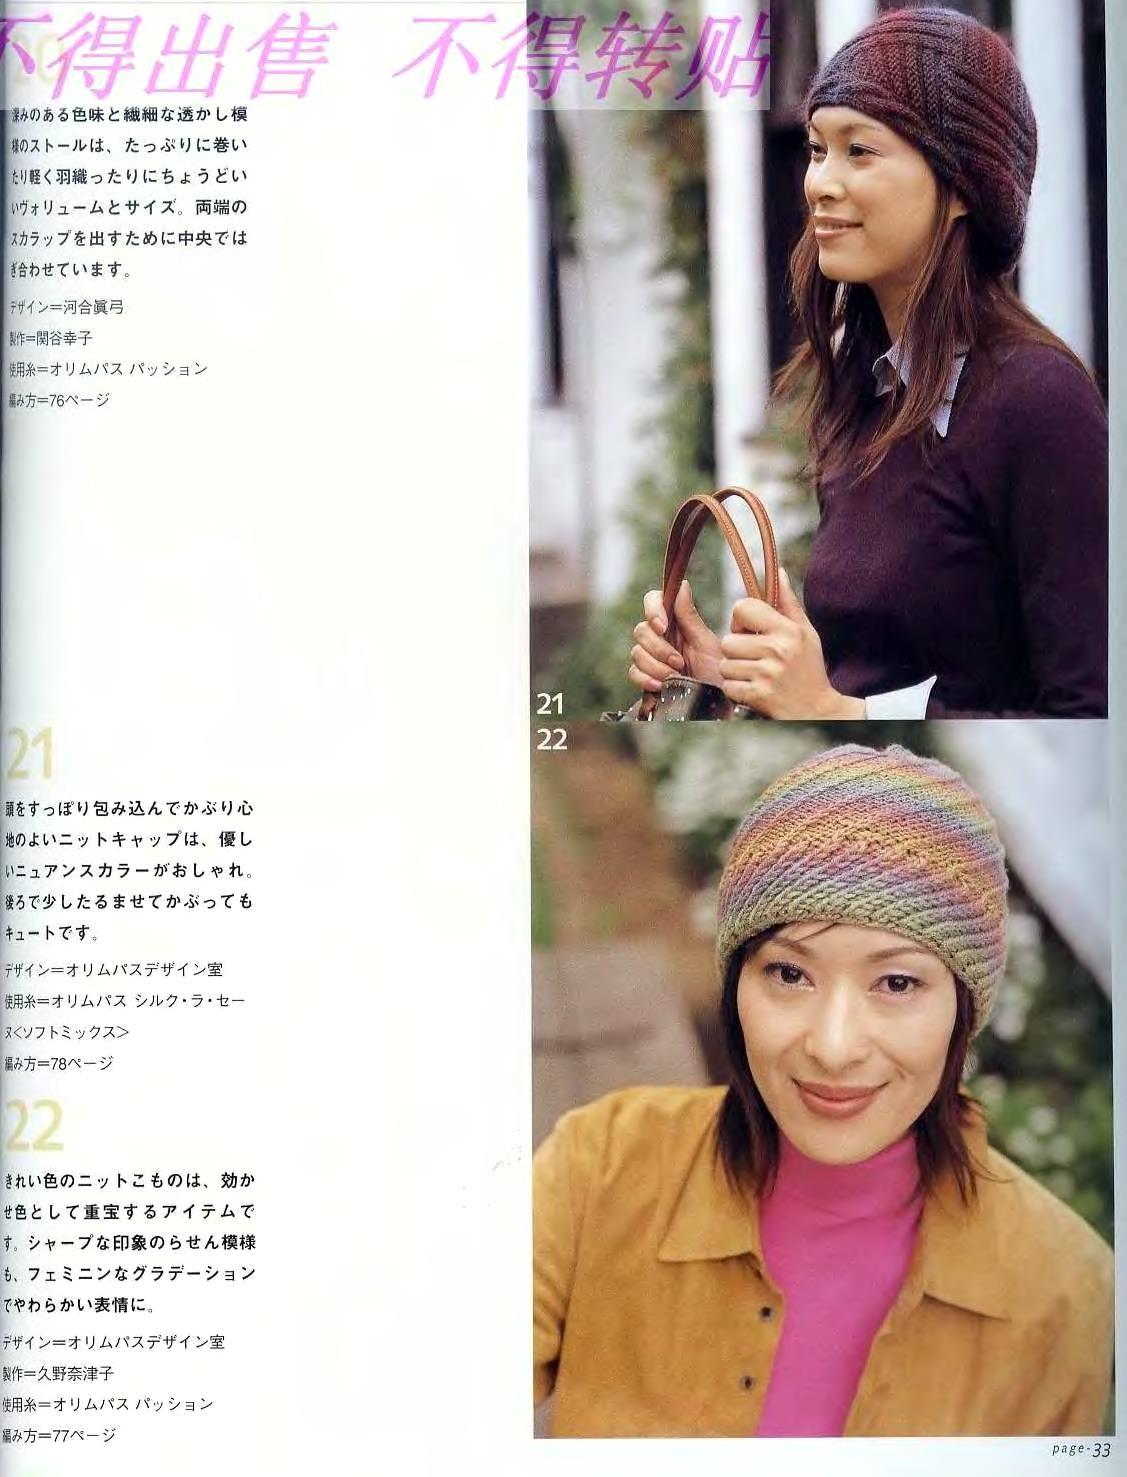 Lets-knit-series-Blue-Lace-sp-kr_30.jpg